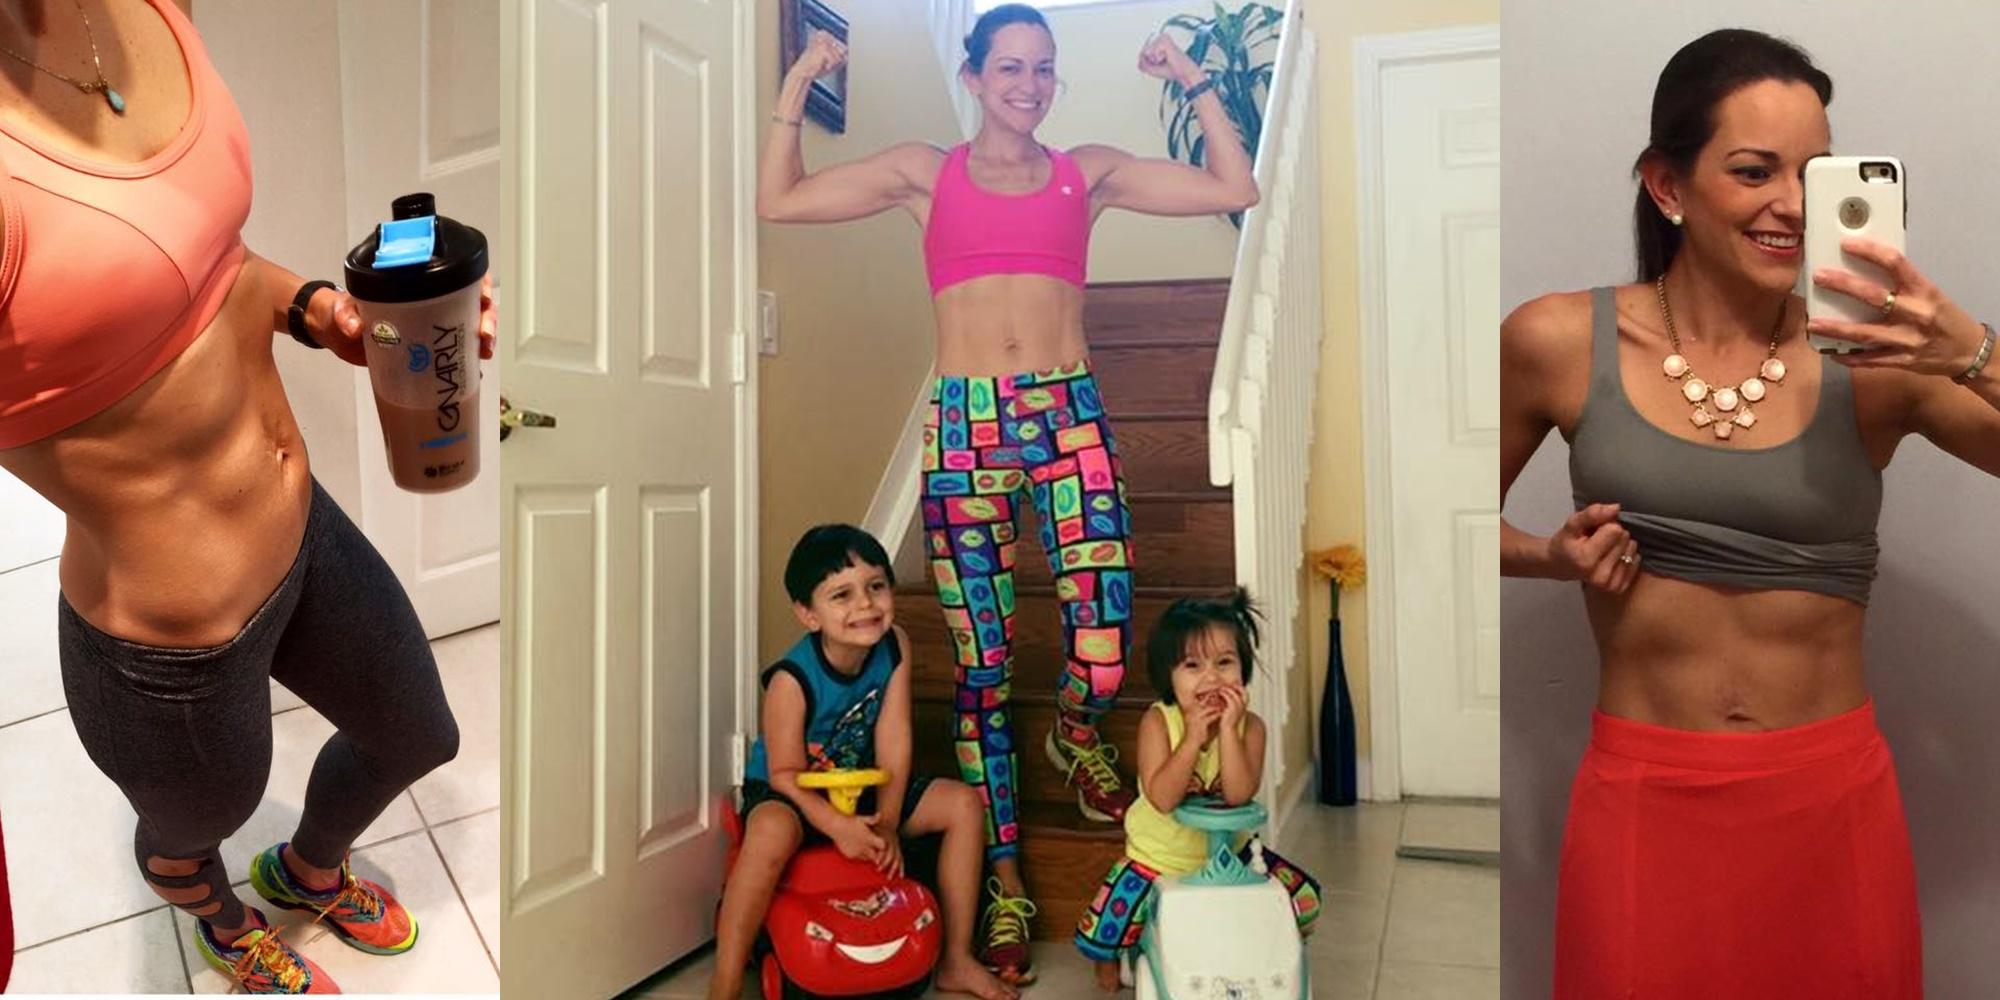 ajută familia mea să slăbească pierdere in greutate rfl